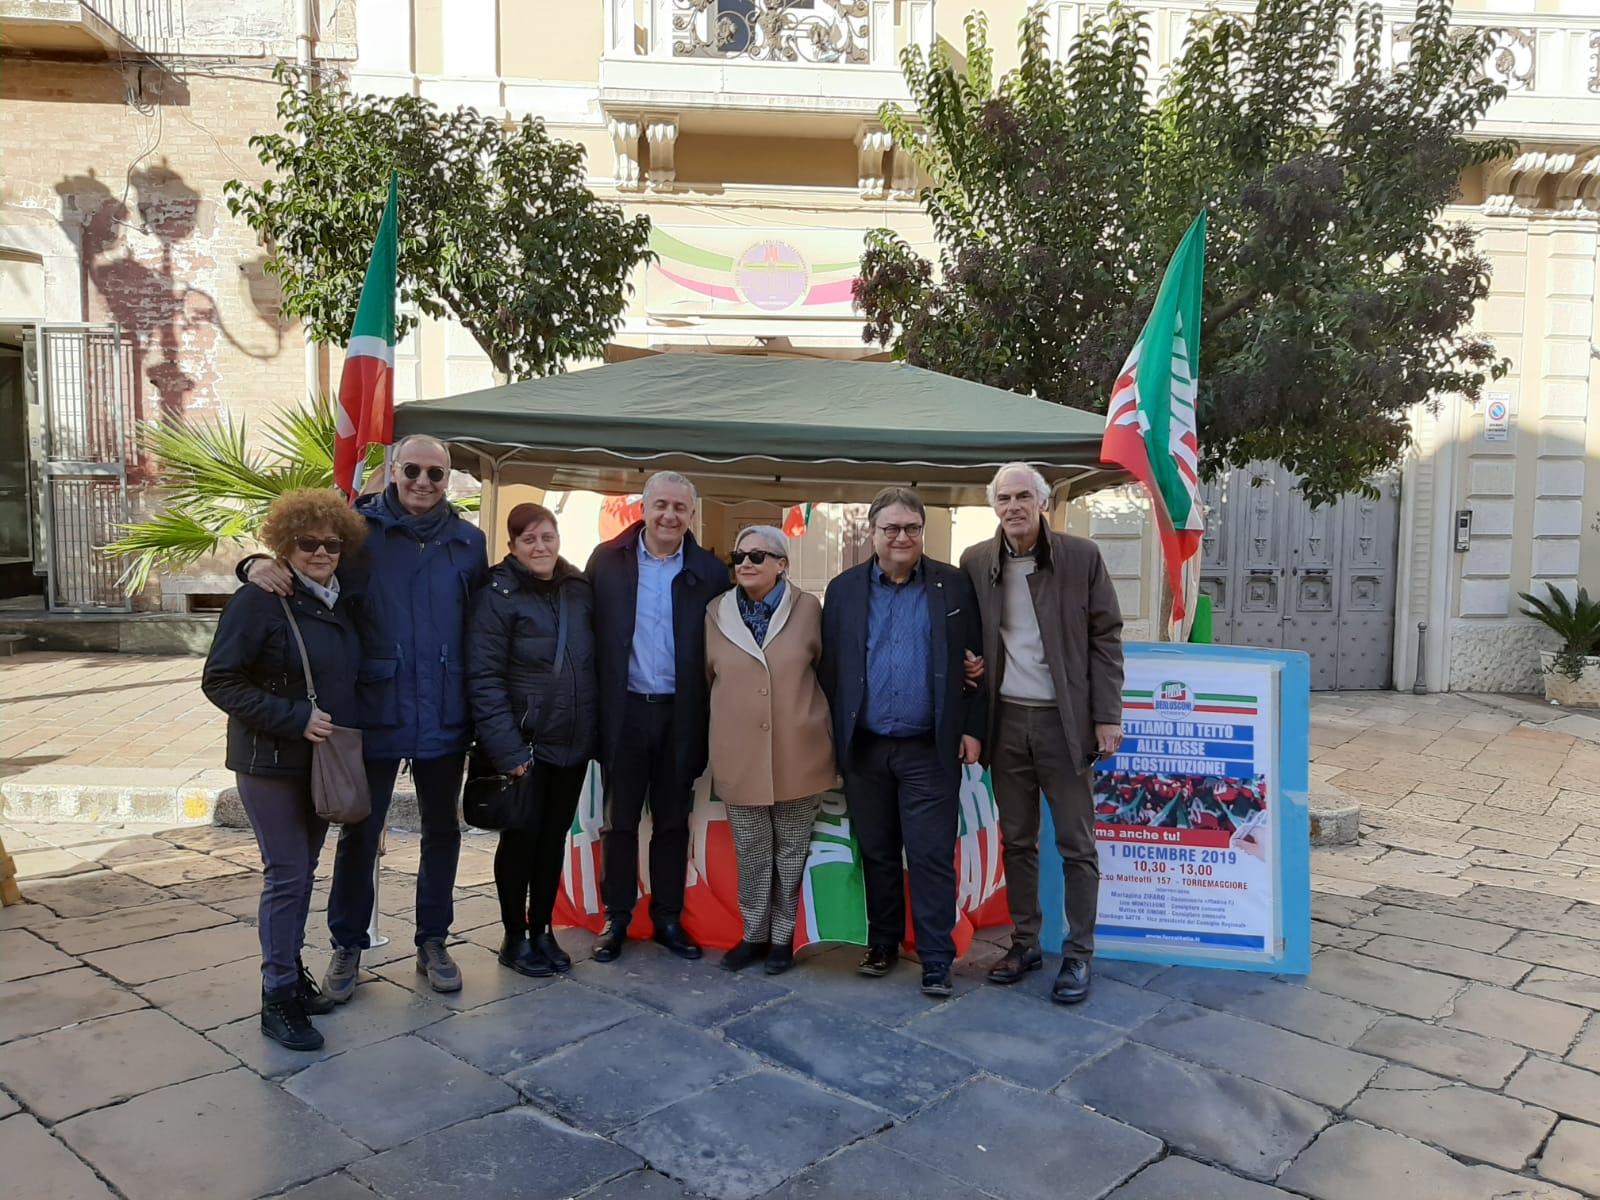 Torremaggiore: Forza italia in piazza per Agire